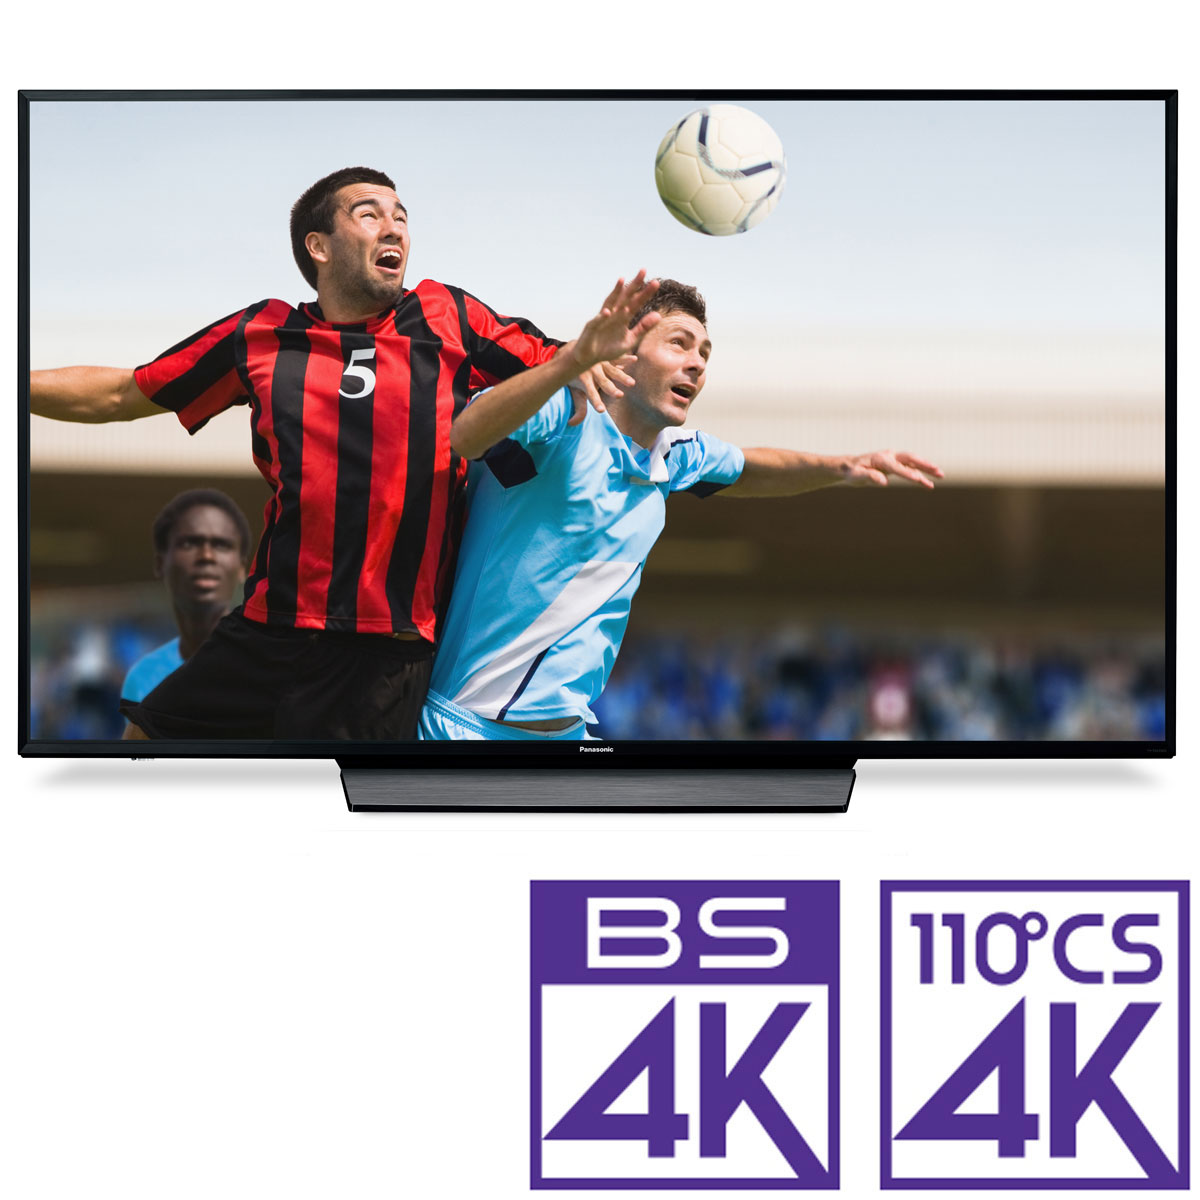 (標準設置料込_Aエリアのみ)TH-55GX855 パナソニック 55V型 地上・BS・110度CSデジタル4Kチューナー内蔵 LED液晶テレビ (別売USB HDD録画対応) Panasonic 4K VIERA